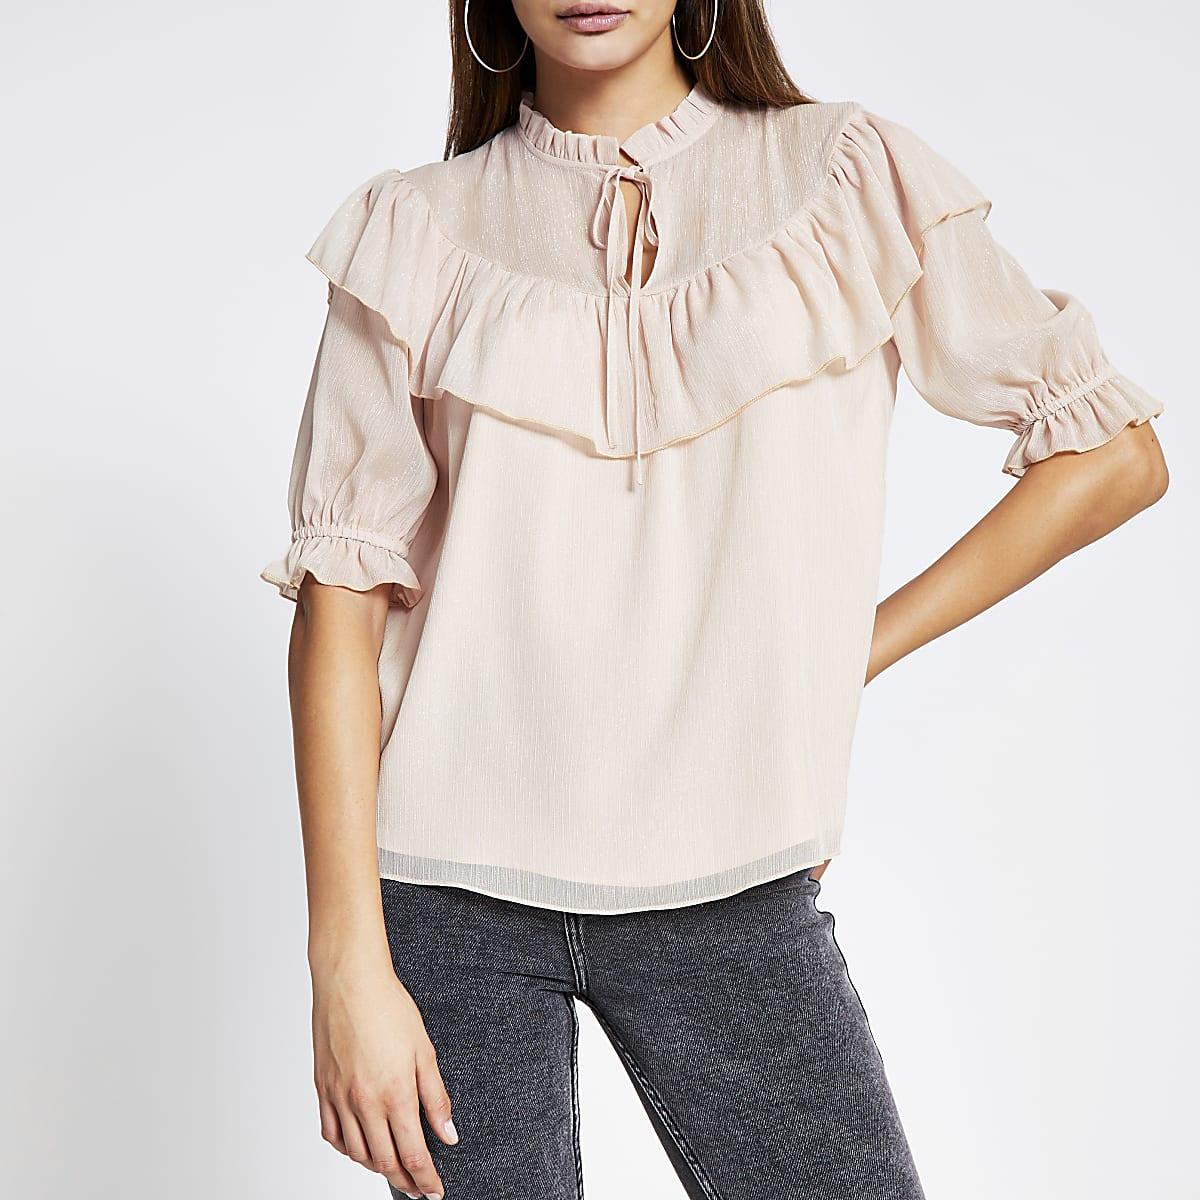 Roze doorschijnende blouse met ruches en korte mouwen